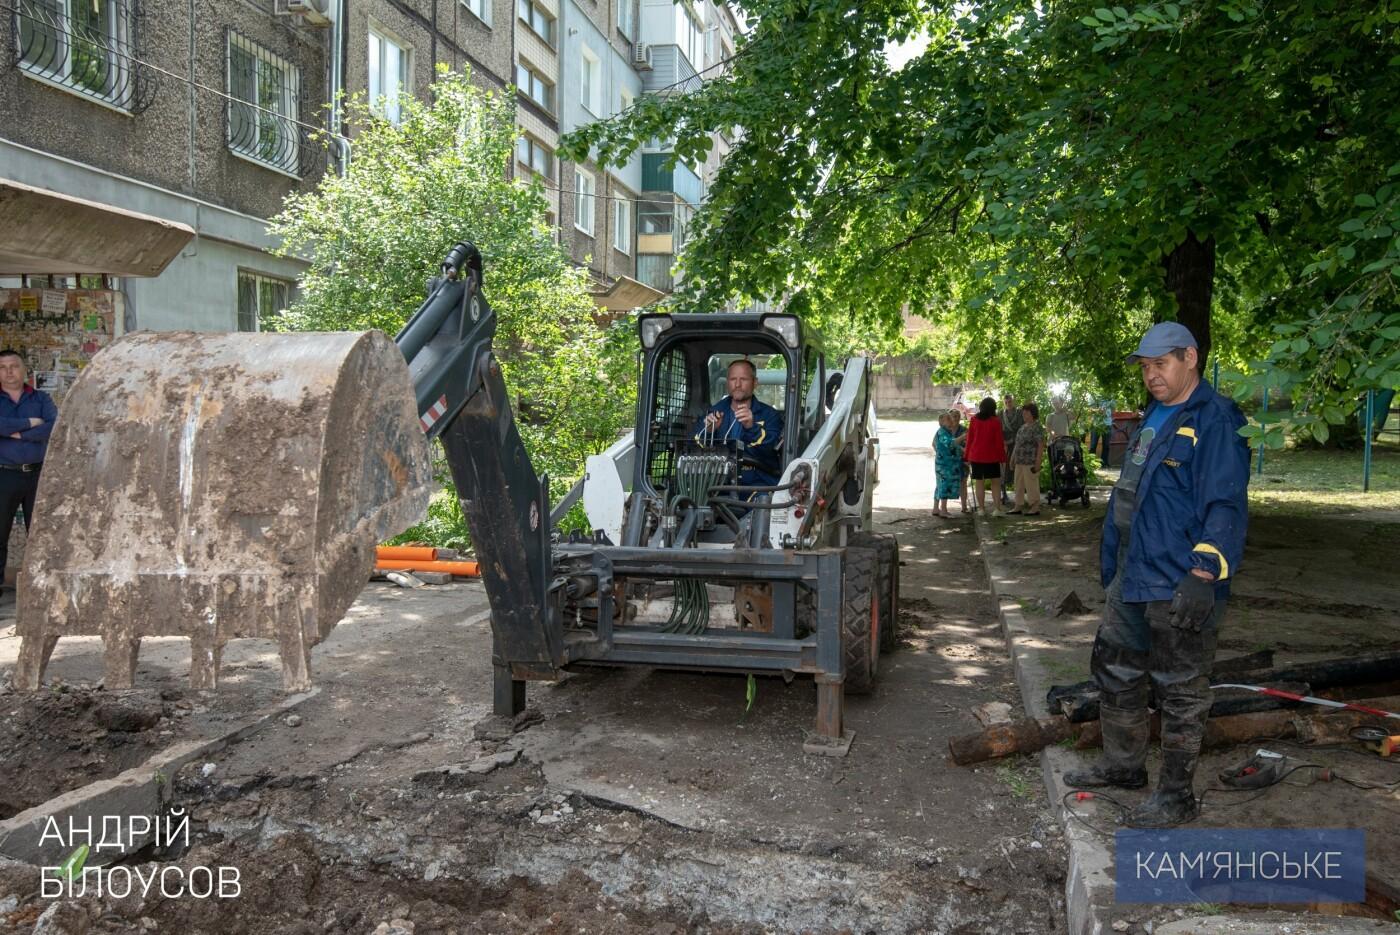 КП «Добробут» приводит в порядок жилой фонд Каменского, фото-1